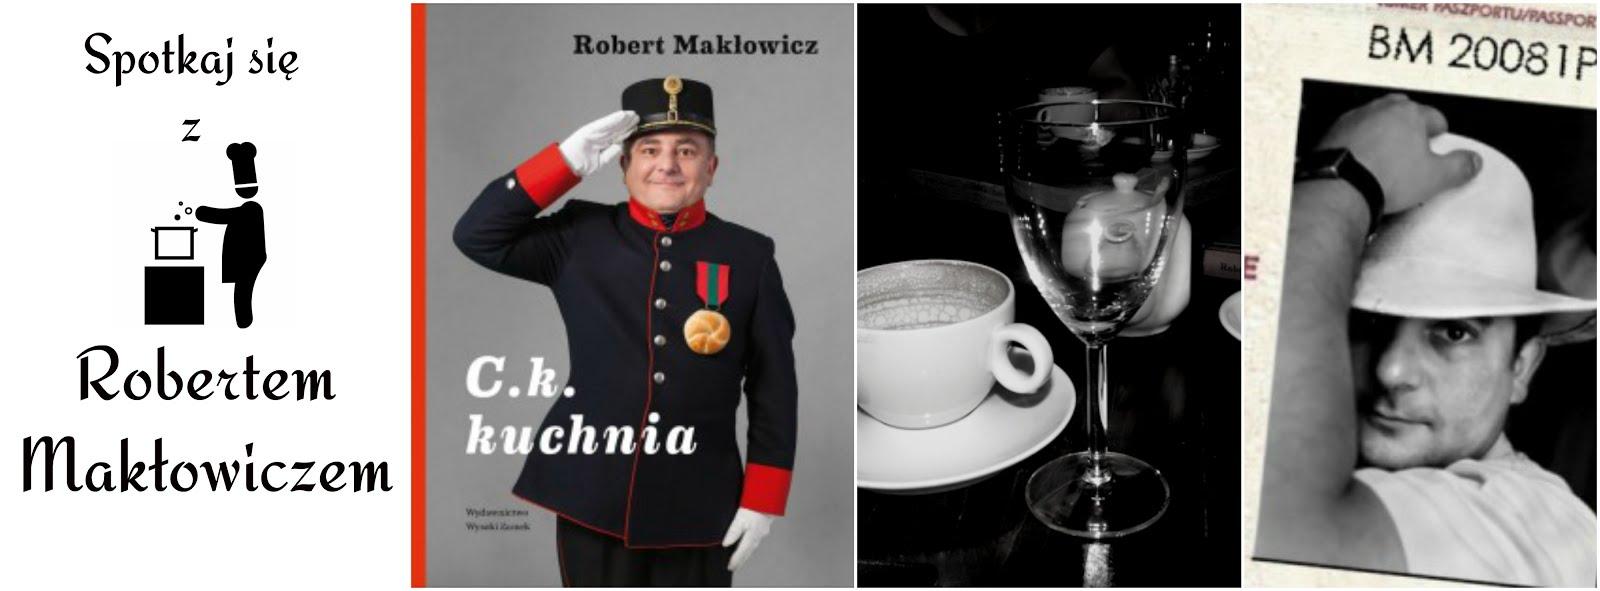 Spotkaj się z Robertem Makłowiczem